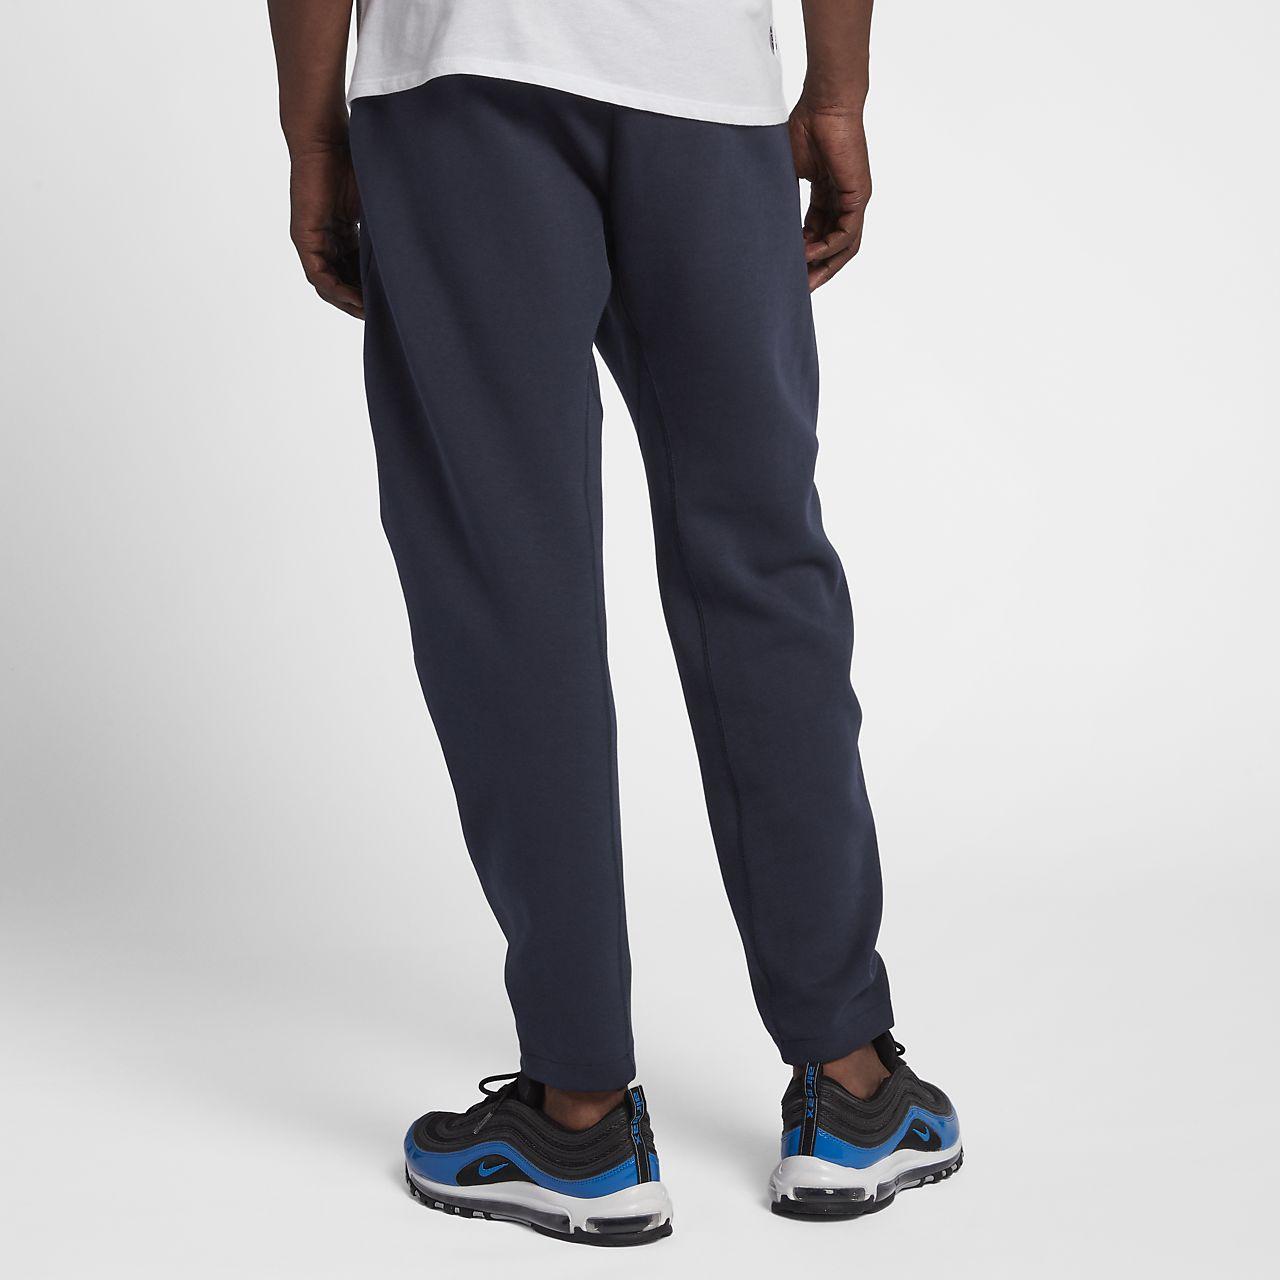 76616523514 Low Resolution Nike Sportswear Tech Fleece Herenbroek Nike Sportswear Tech  Fleece Herenbroek